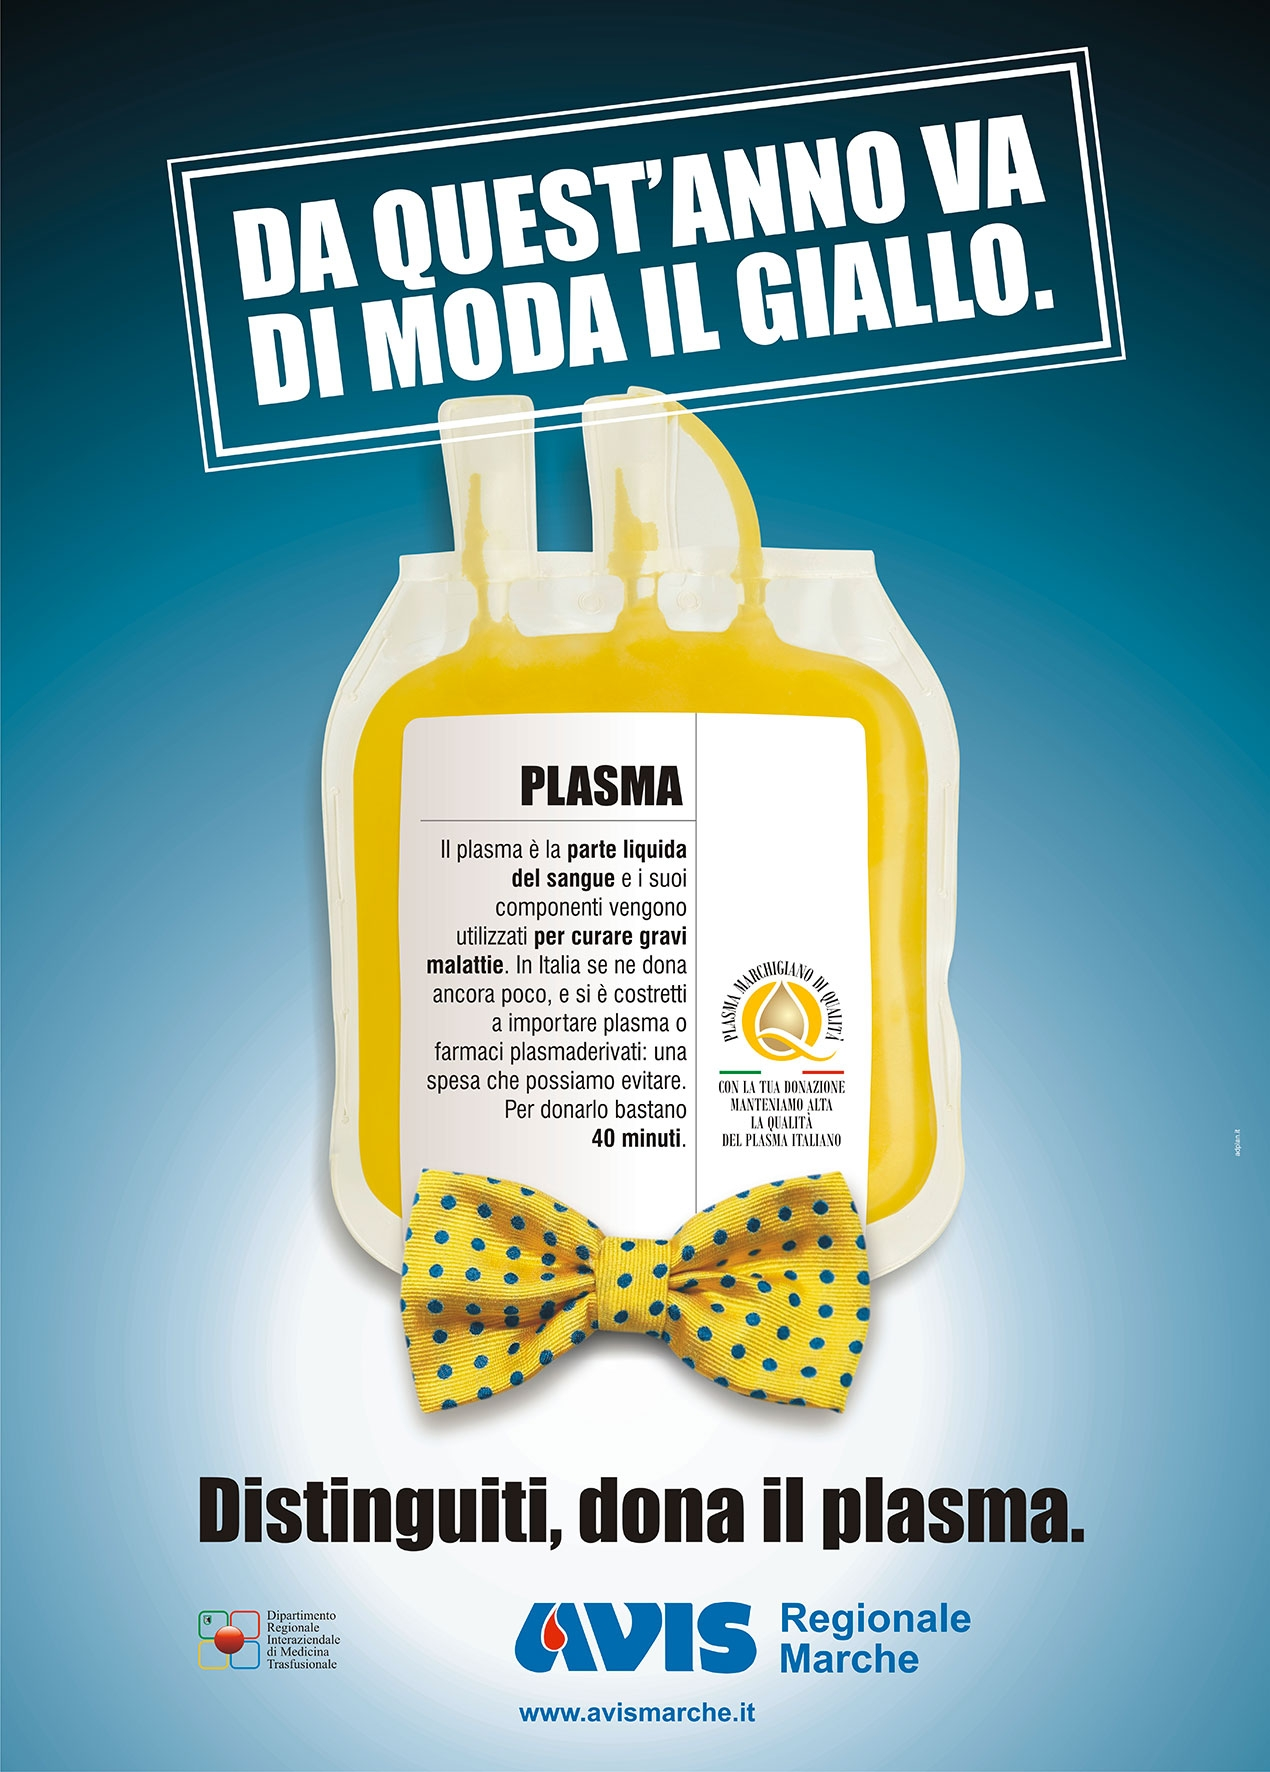 Da quest'anno va di moda il giallo. Distinguiti, dona plasma.